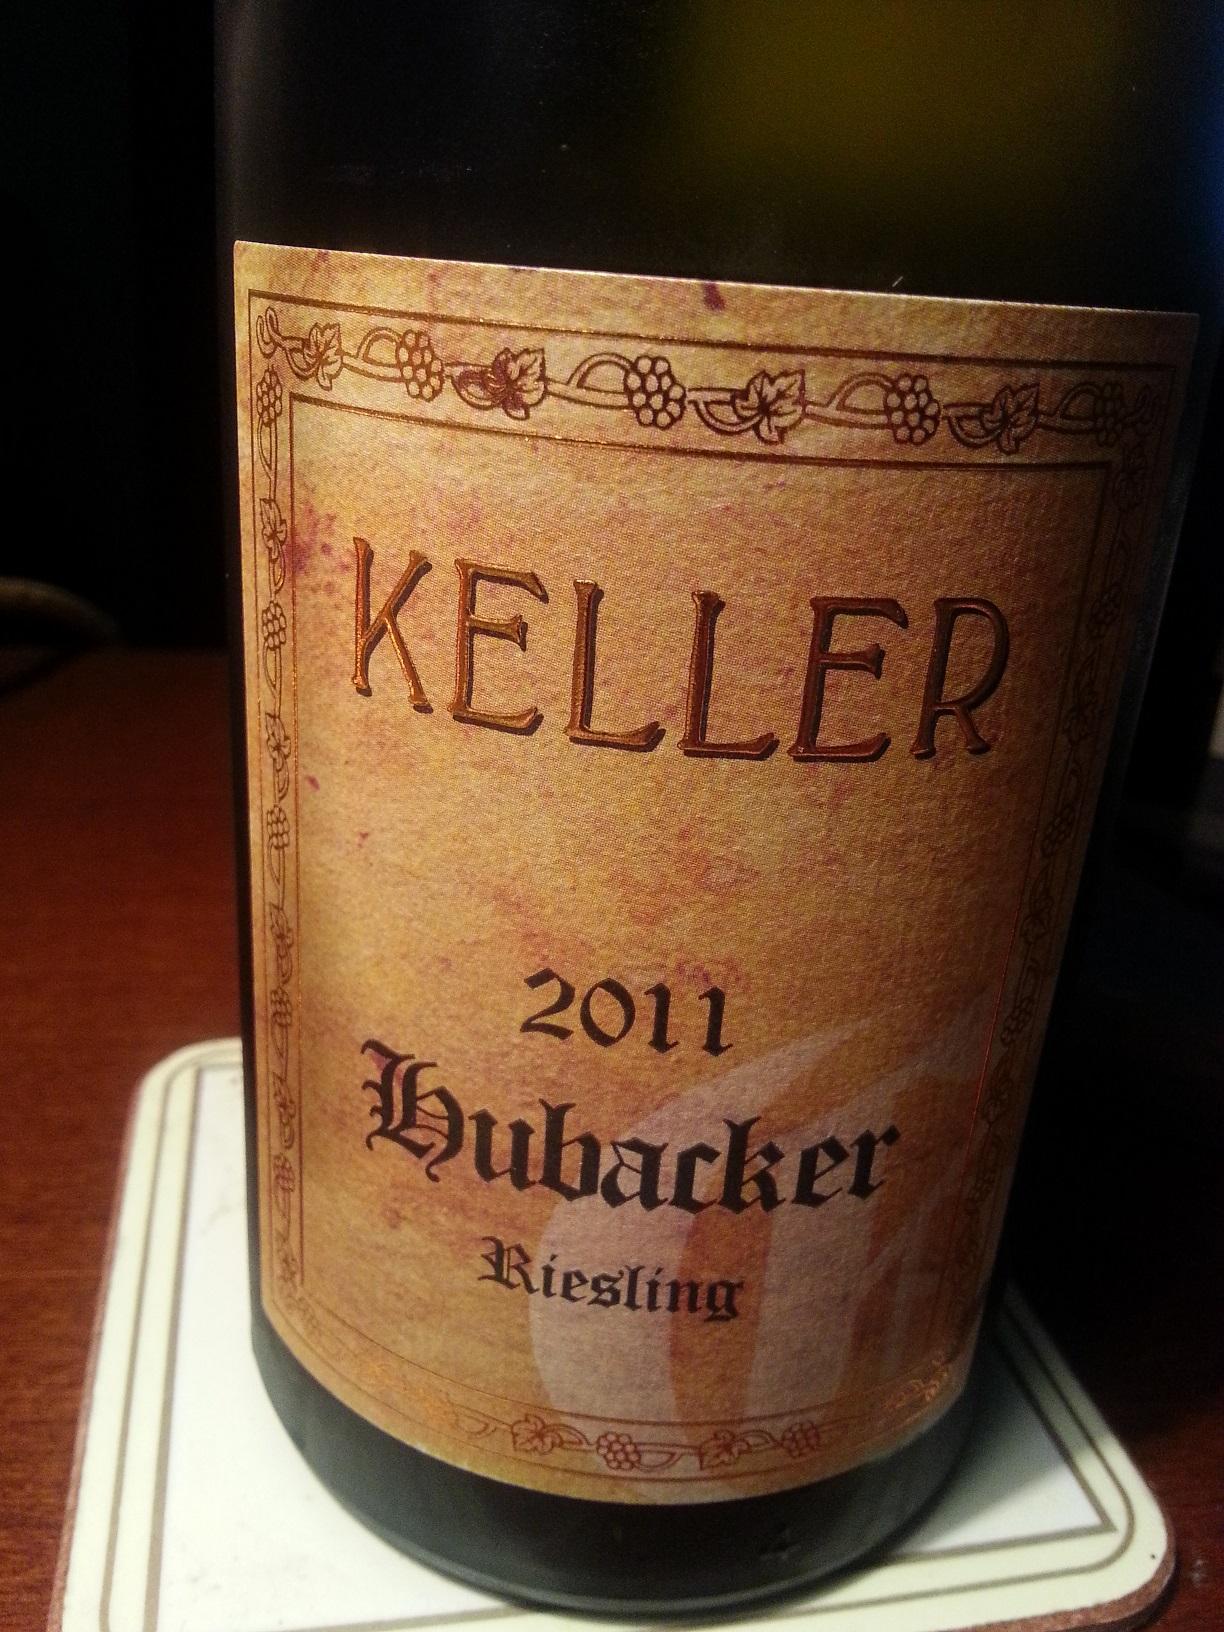 2011 Riesling Hubacker   Keller